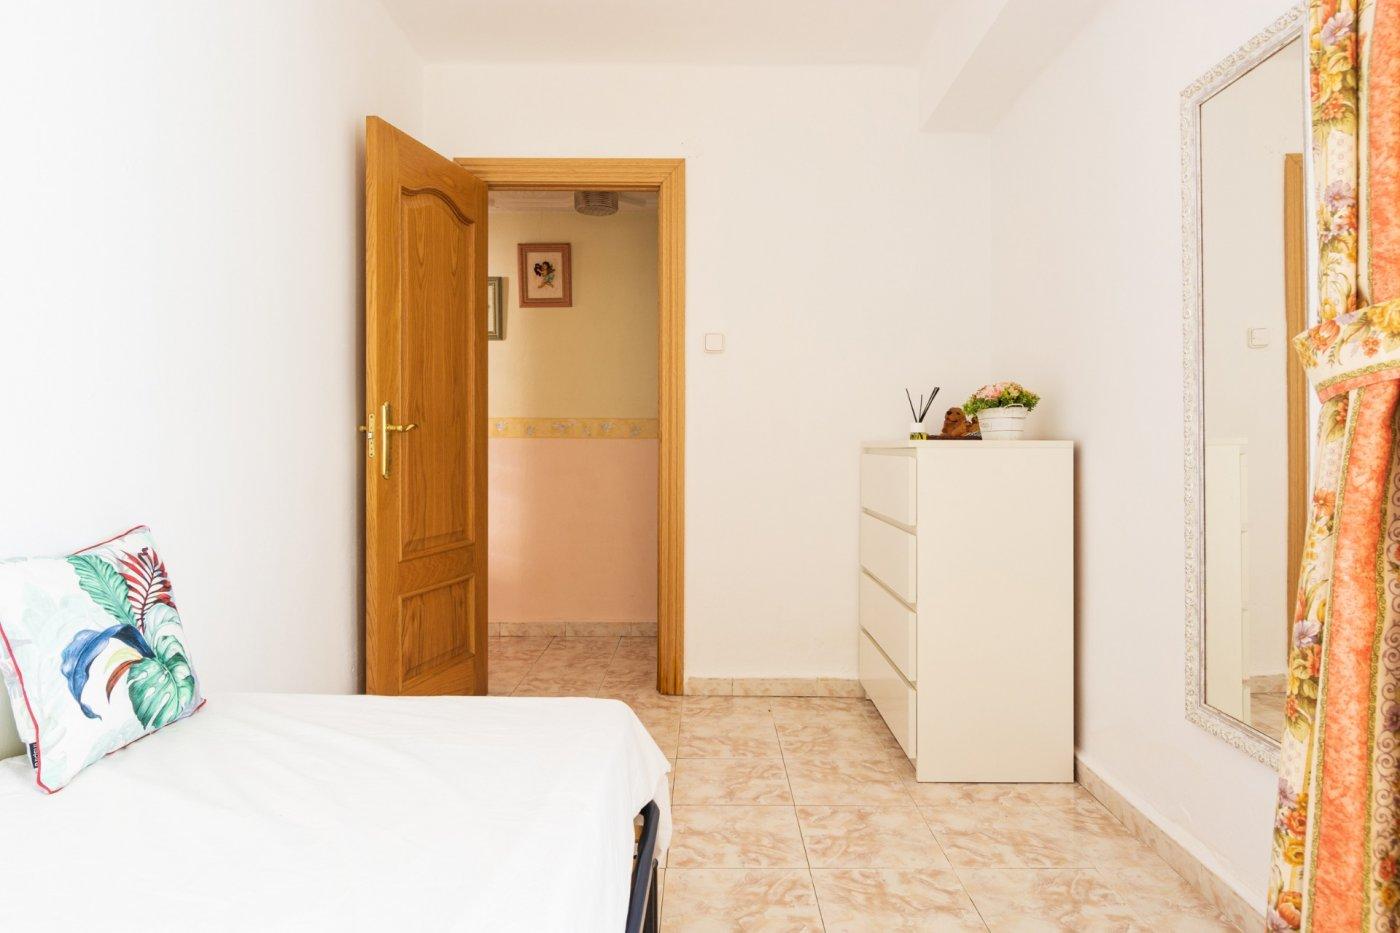 Venta de piso en zaragoza - imagenInmueble19